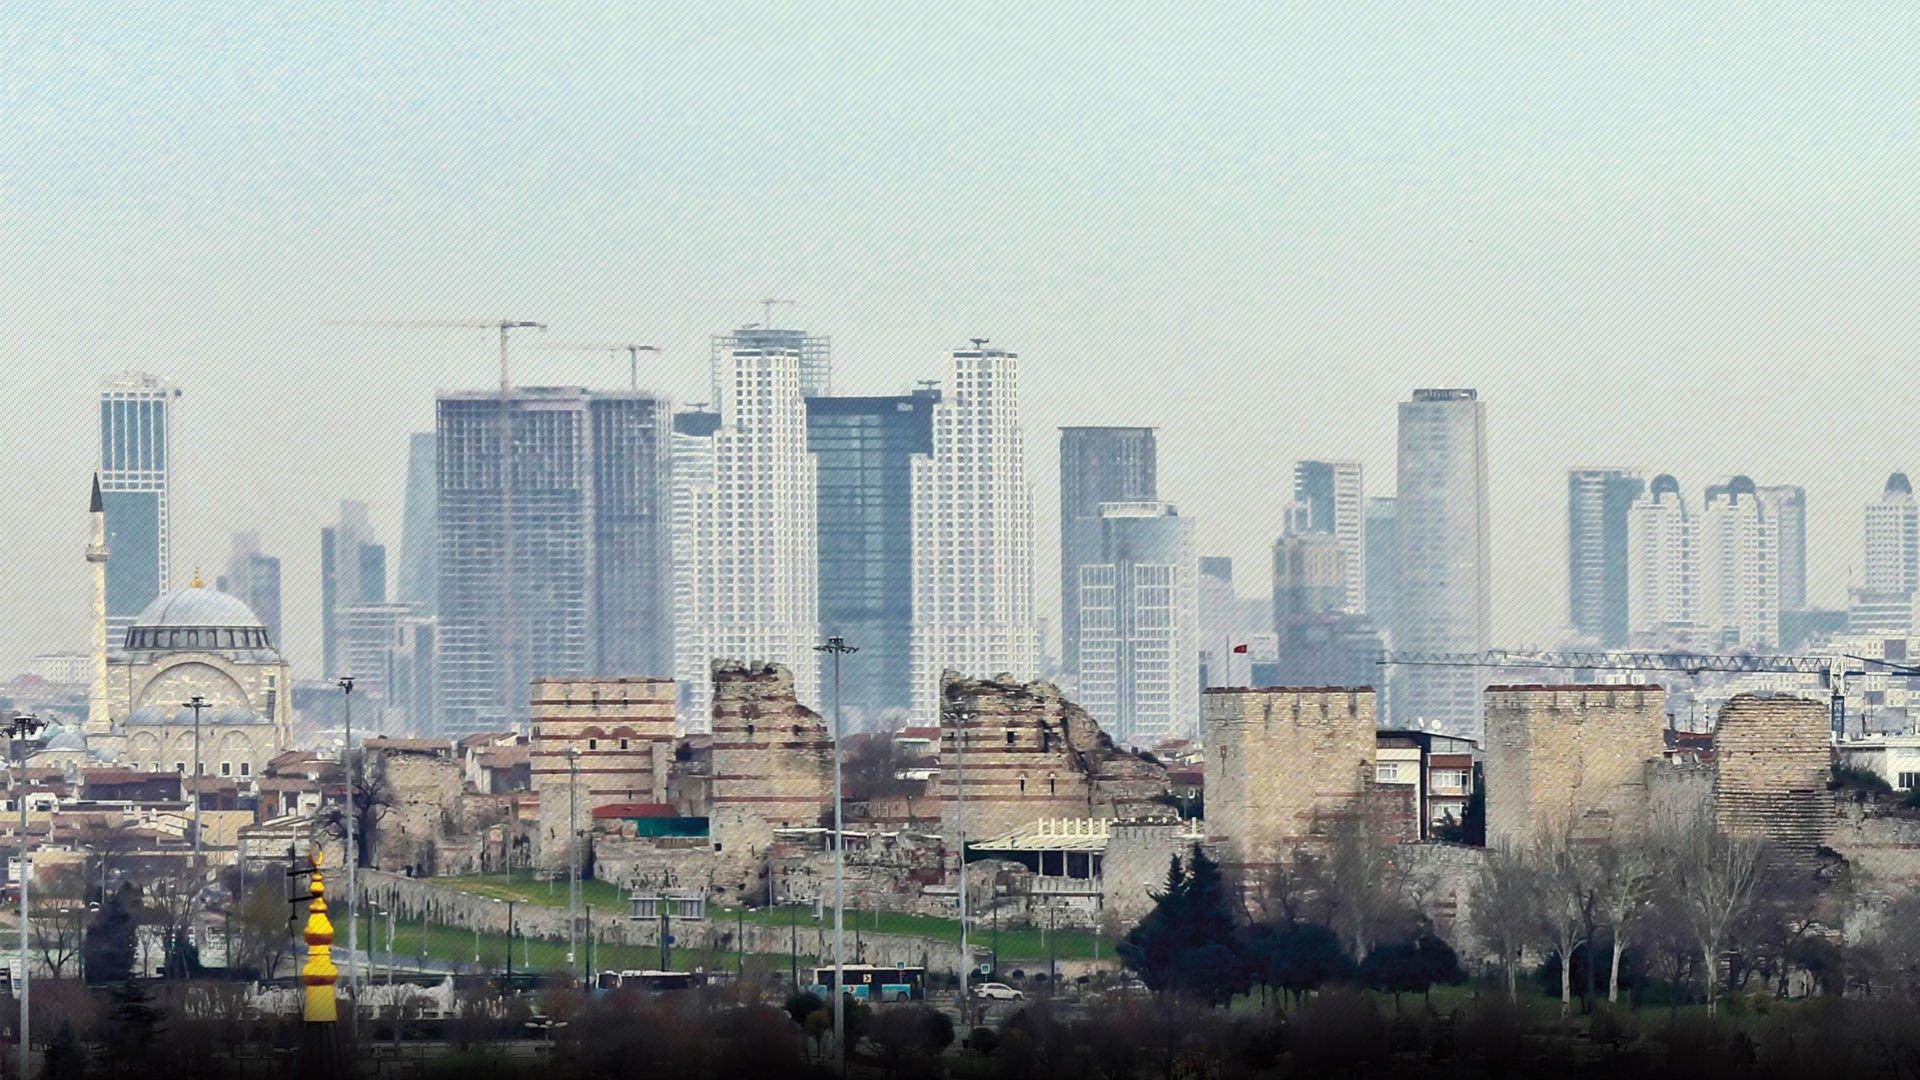 Mimarlar Odası Başkanı Muhcu: 12 milyon kaçak yapı için barış değil af geliyor 50